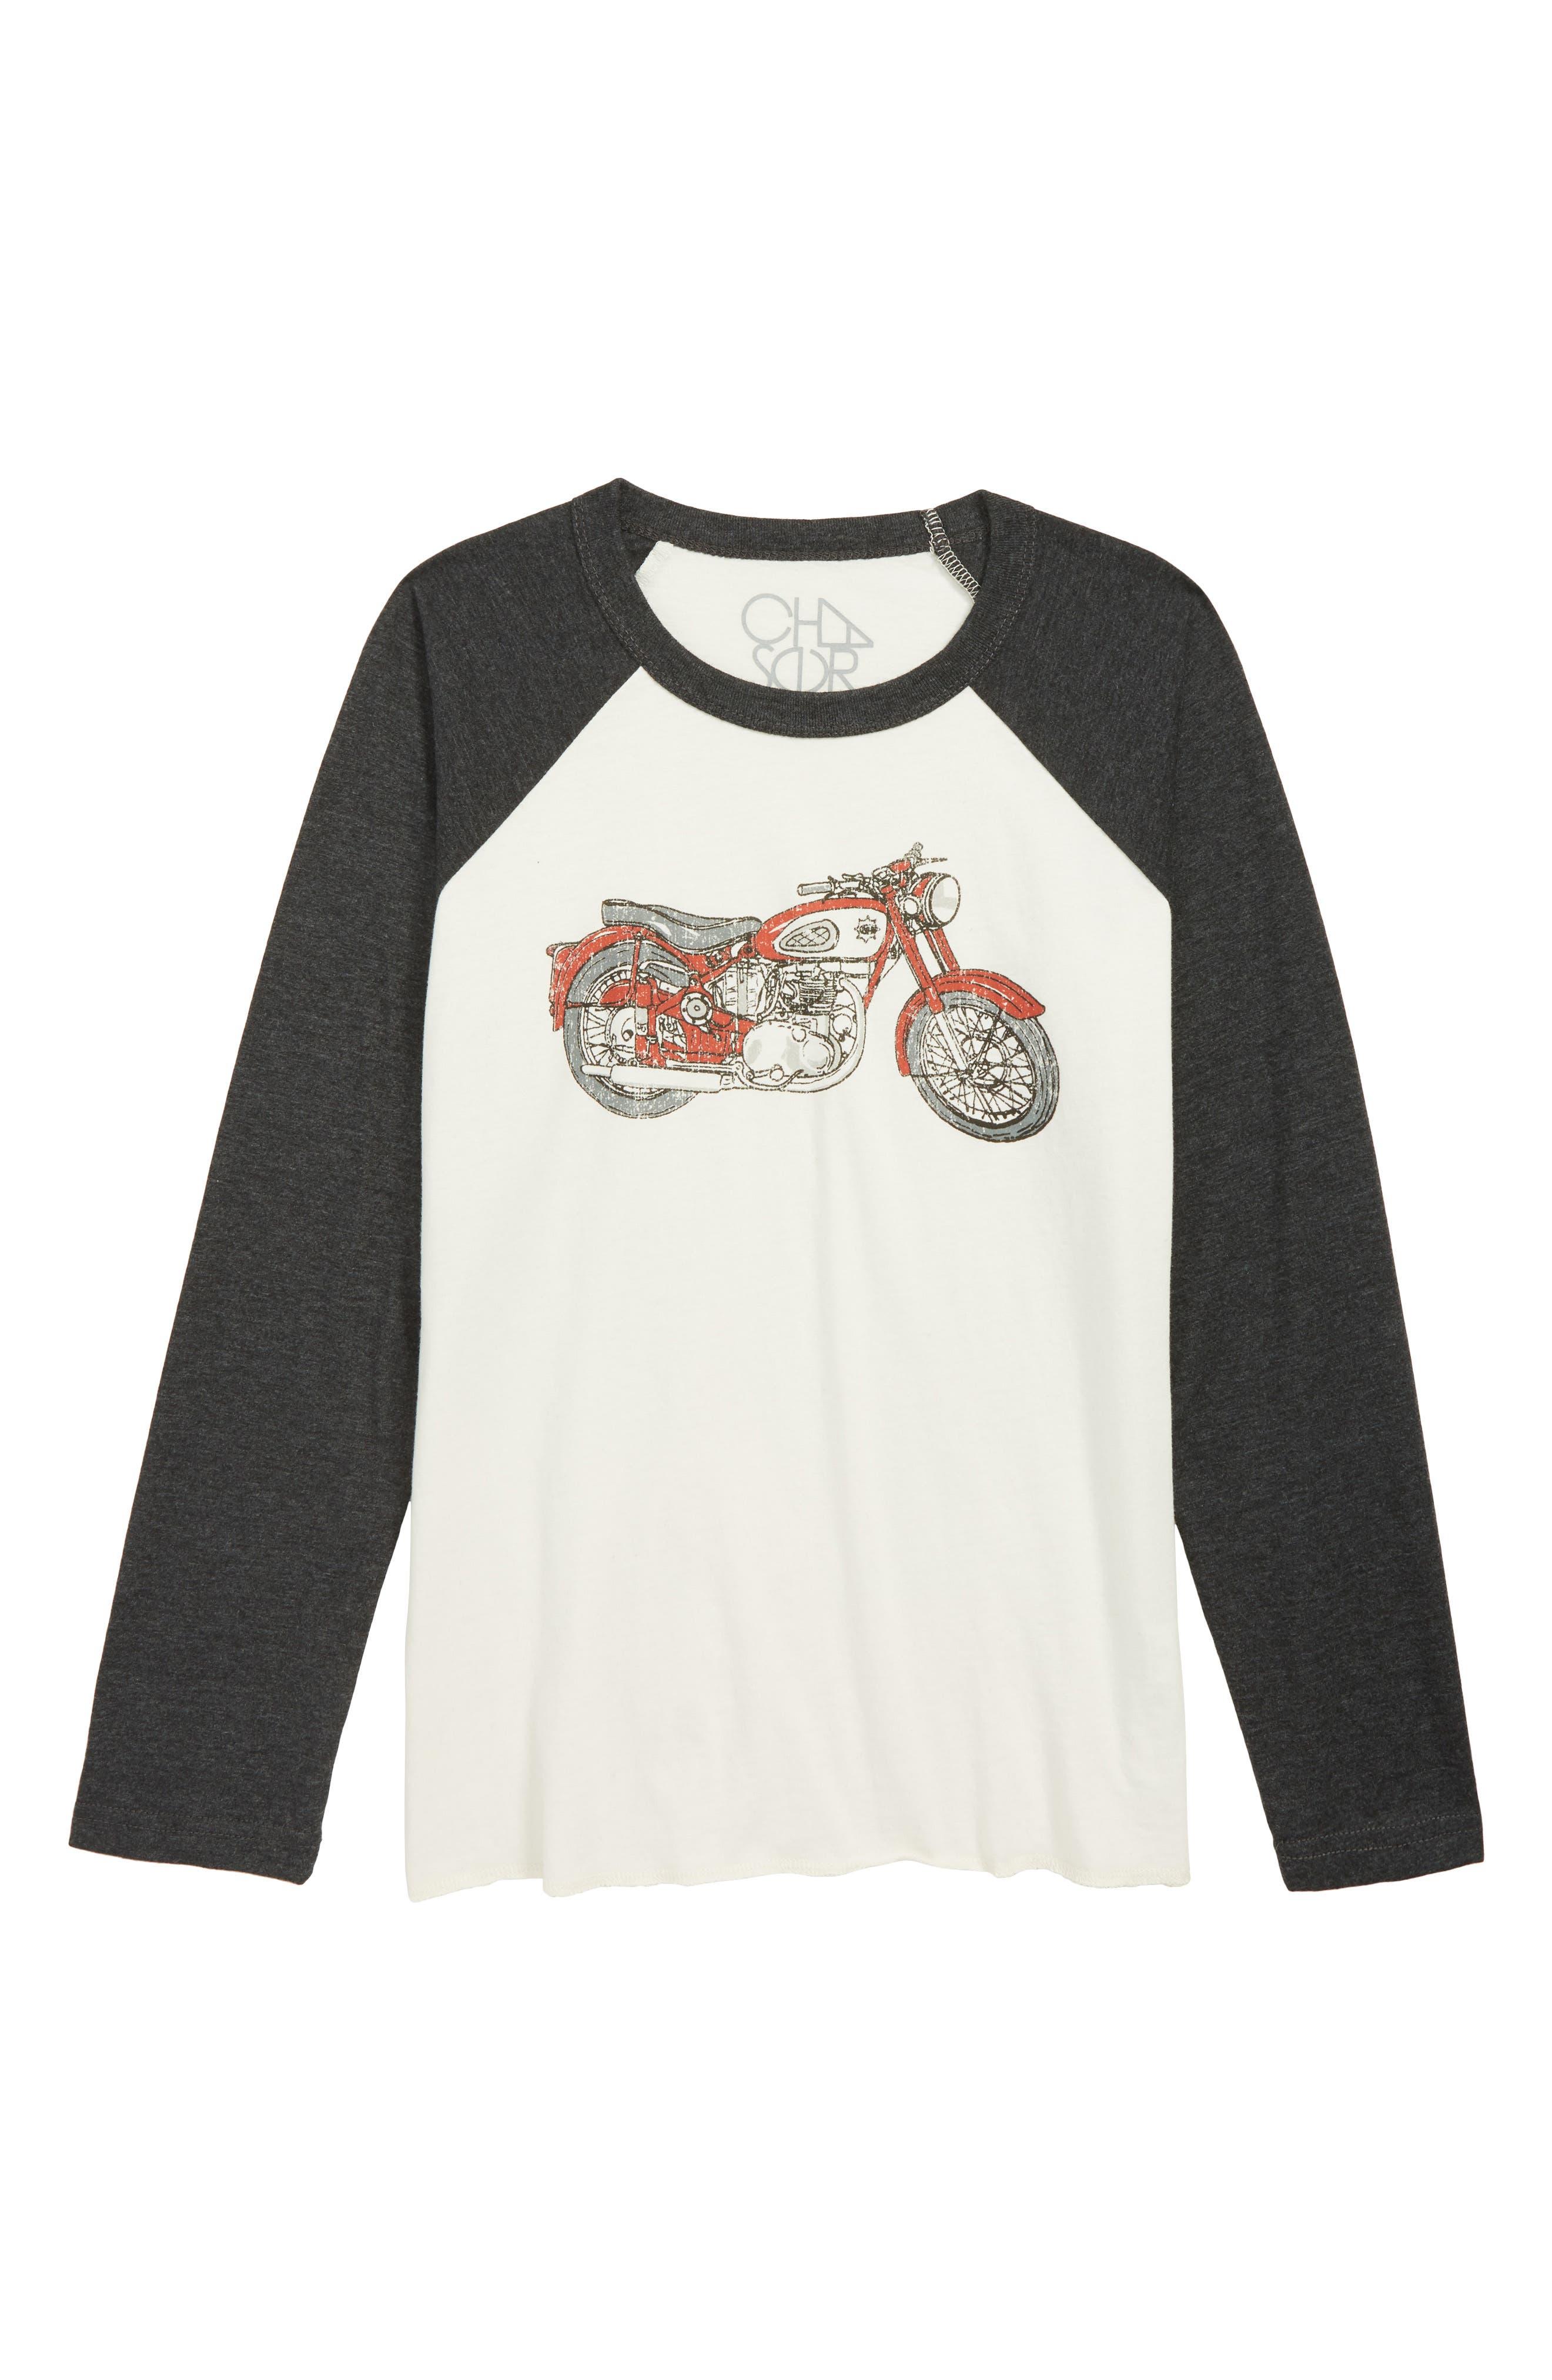 CHASER Motorcycle Raglan Shirt, Main, color, BLACK